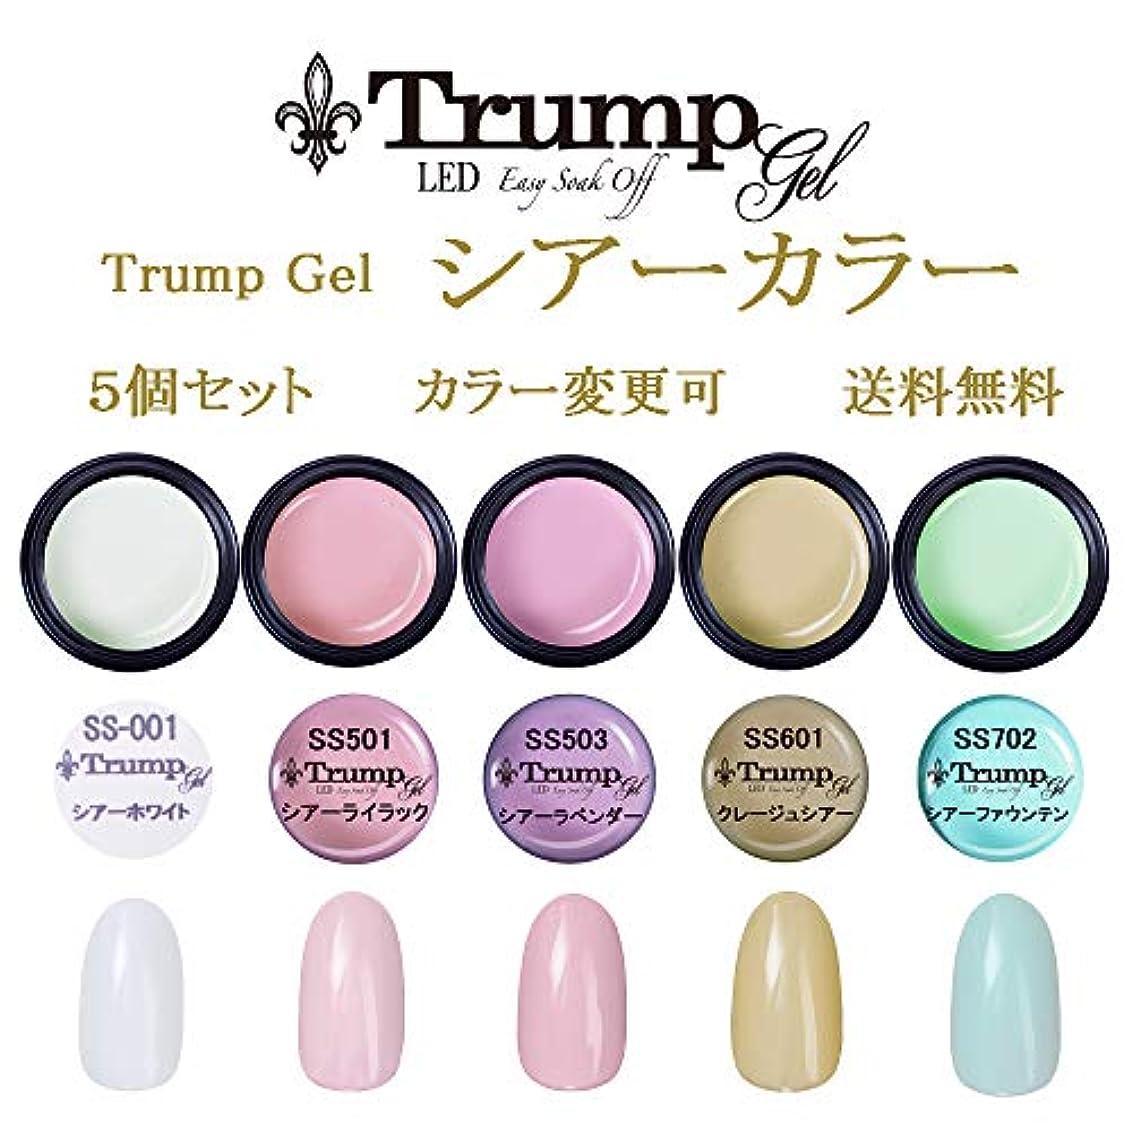 ピアノピストルコイル日本製 Trump gel トランプジェル シアー カラージェル 選べる 5個セット ホワイト ピンク パープル イエロー ブルー